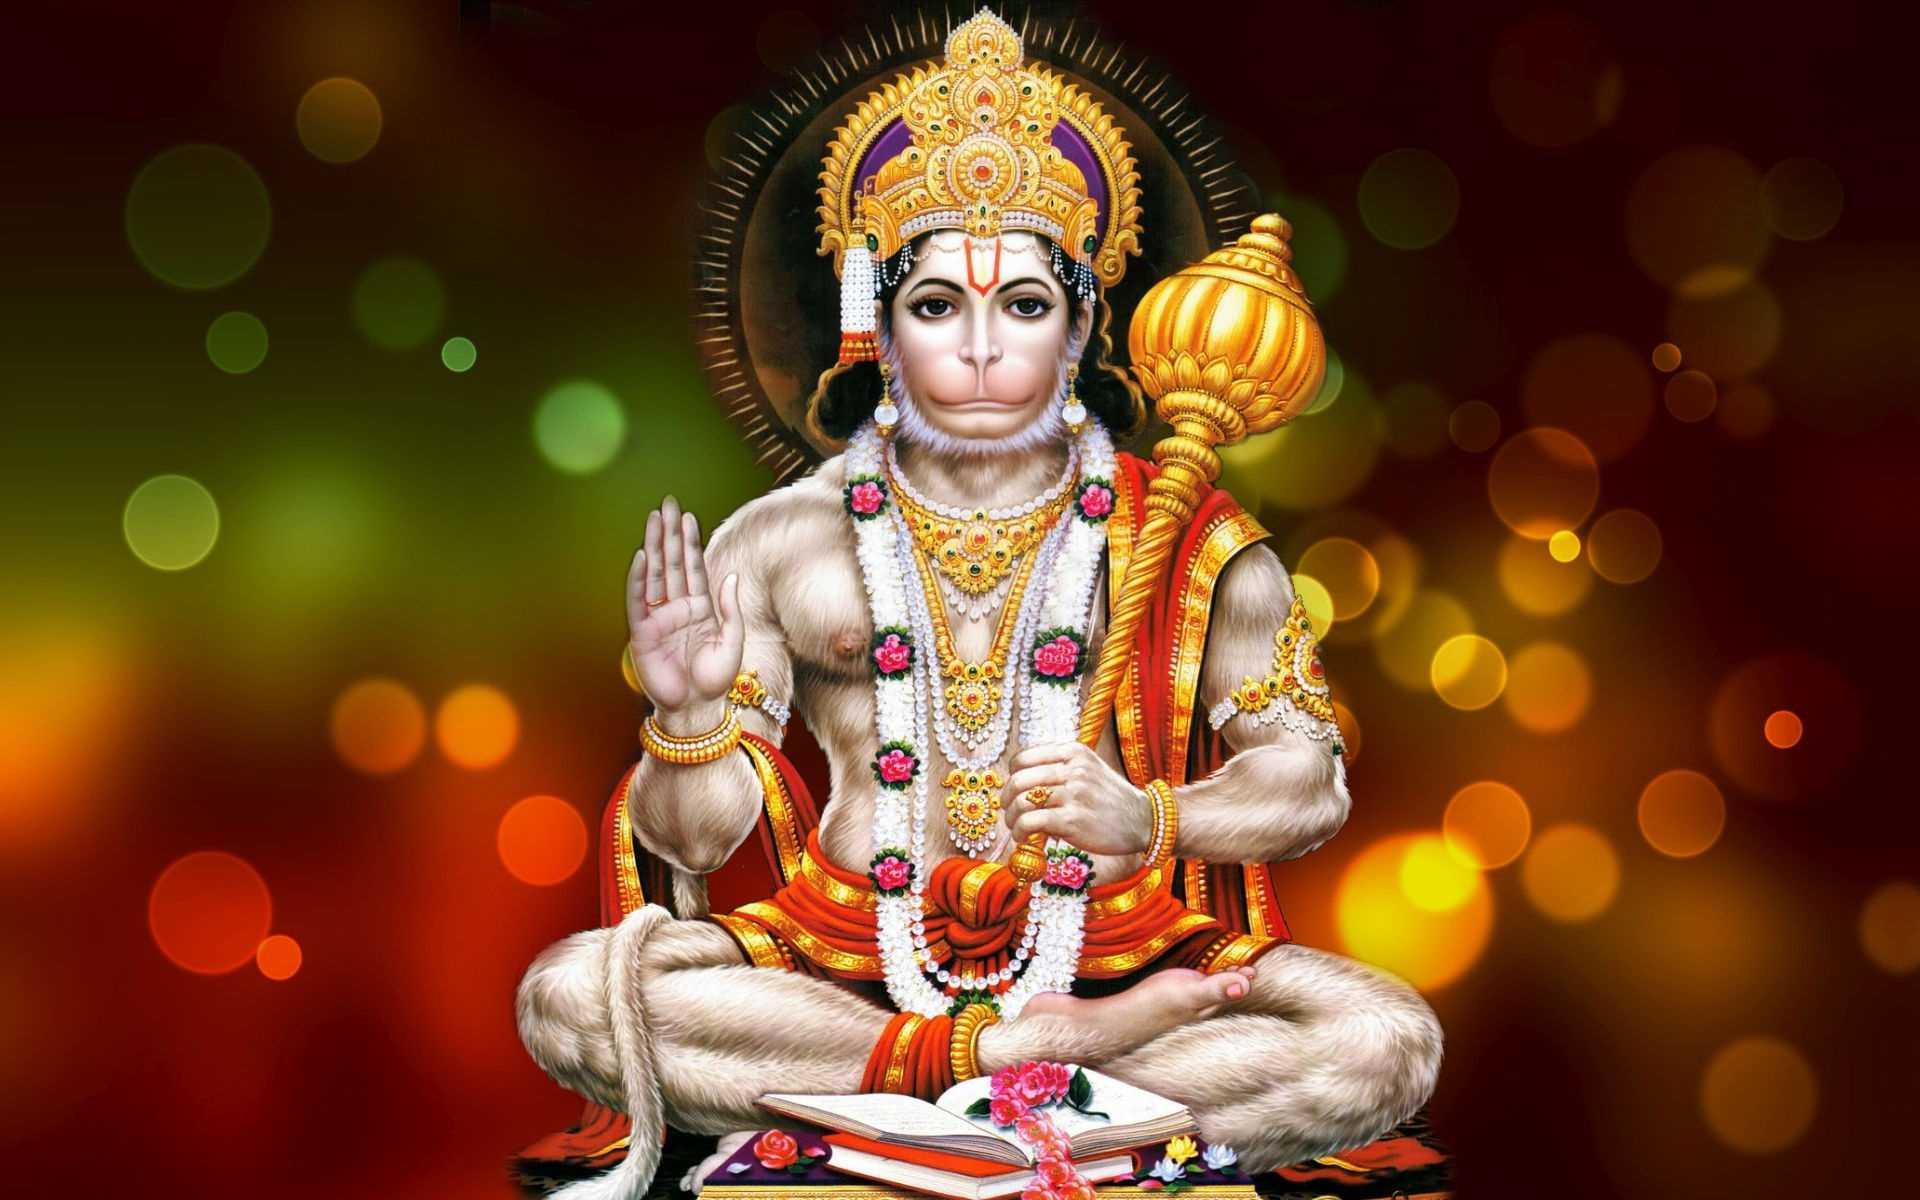 Hindu God Hd Wallpapers Wallpaper Cave